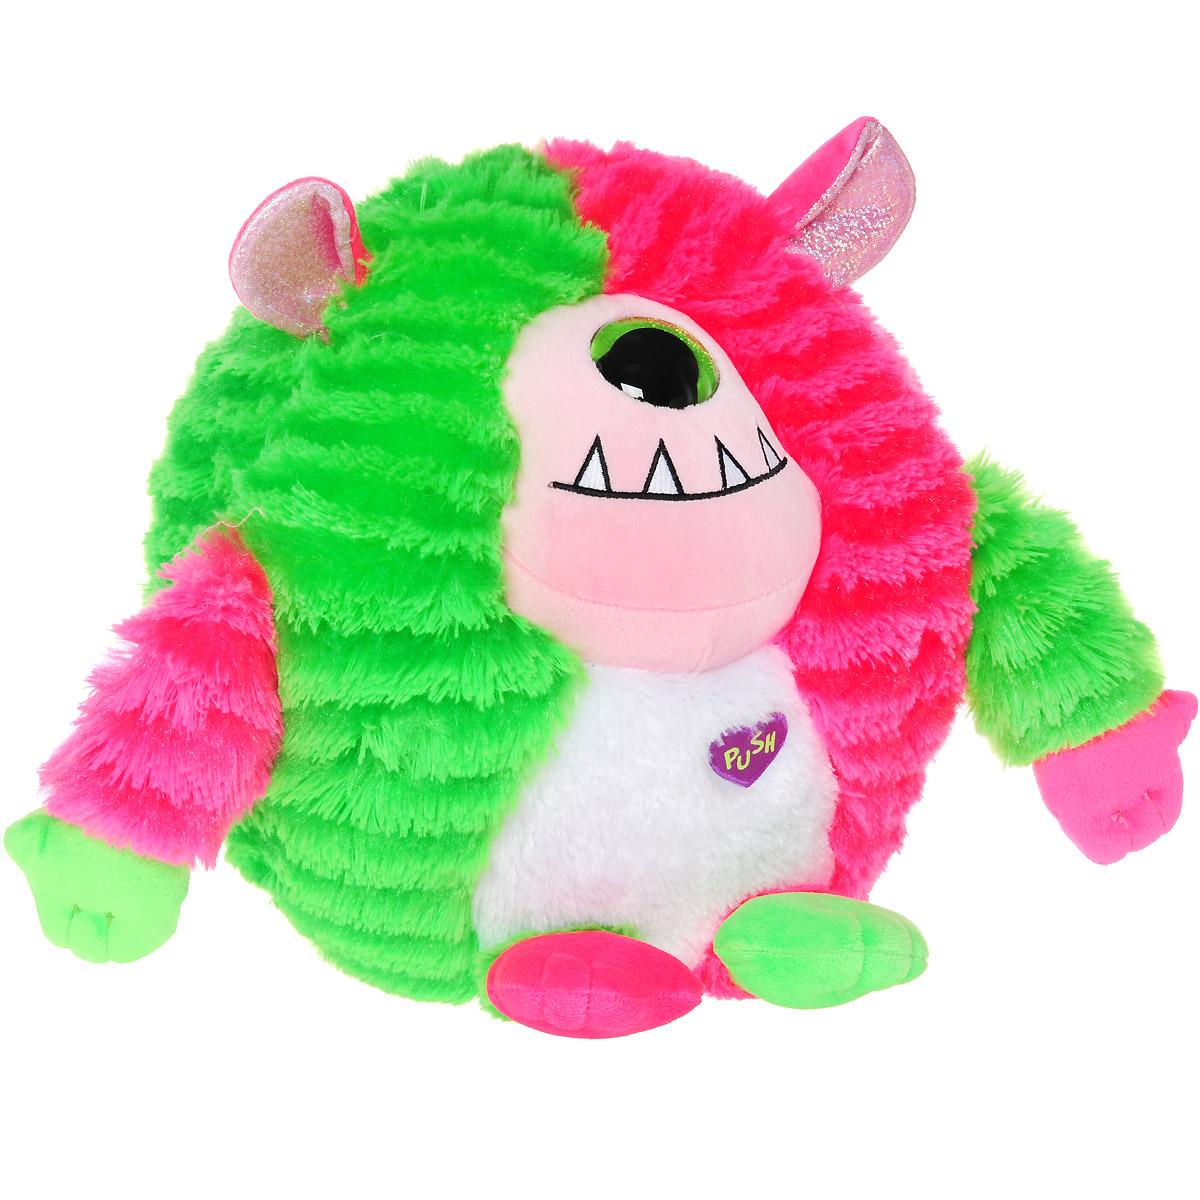 Мягкая озвученная игрушка Monstaz Монстр Spike, 27 см37914Очаровательная мягкая игрушка Монстр Spike, выполненная в виде милого монстрика, вызовет умиление и улыбку у каждого, кто ее увидит. Мягкий монстрик Spike из серии Monstaz забавный и очаровательный, его яркие цвета притягивают к себе взгляд. Его шерстка мягкая и приятная на ощупь, она выполнена в розовом и салатовом цветах. Глаз украшен зелеными блестками, ушки выполнены в розовом цвете с блестящей серебристой вставкой. При нажатии на сердечко игрушка начинает говорить милым тоненьким голосом на английском языке, забавно смеяться и дразниться. Специальные гранулы, используемы при набивке игрушки, способствуют развитию мелкой моторики рук малыша. Удивительно мягкая игрушка принесет радость и подарит своему обладателю мгновения нежных объятий и приятных воспоминаний. Игрушка работает от незаменяемых батареек.